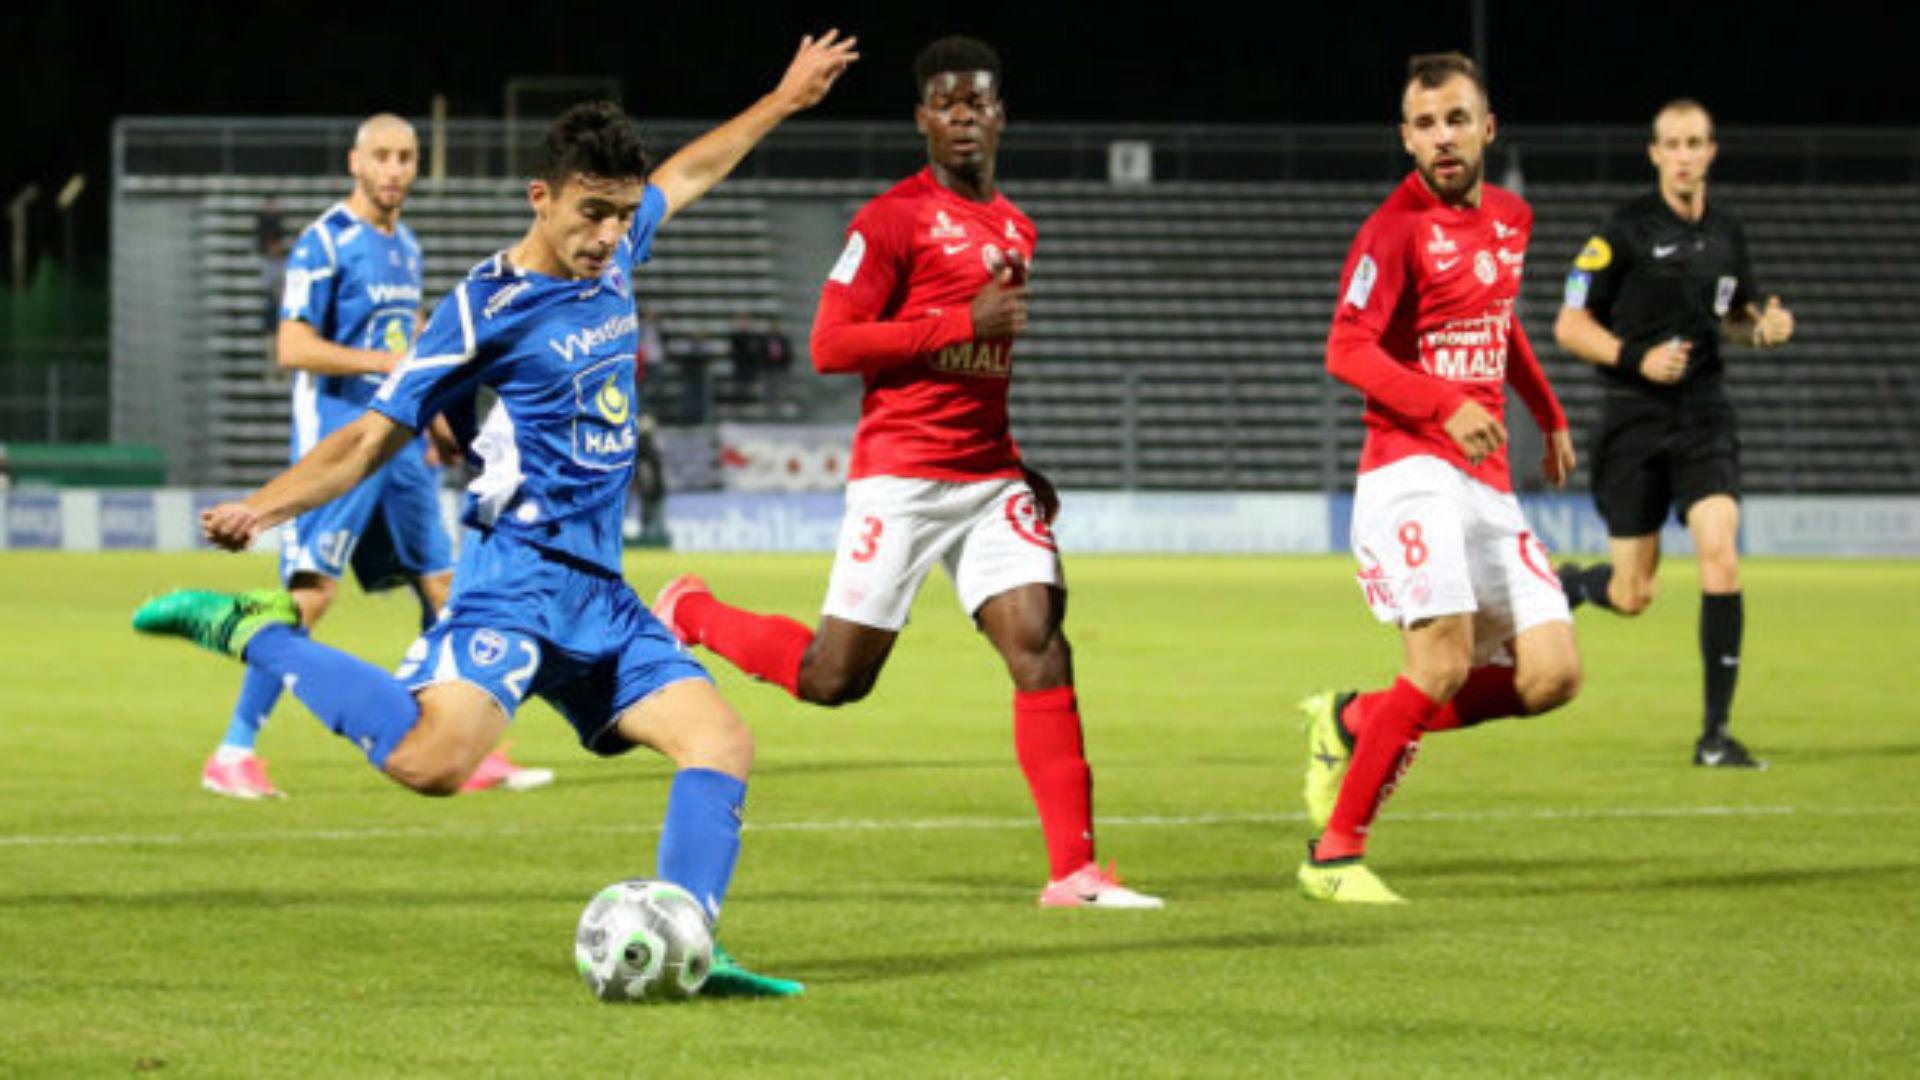 Tom Lebeau Niort Ligue 2